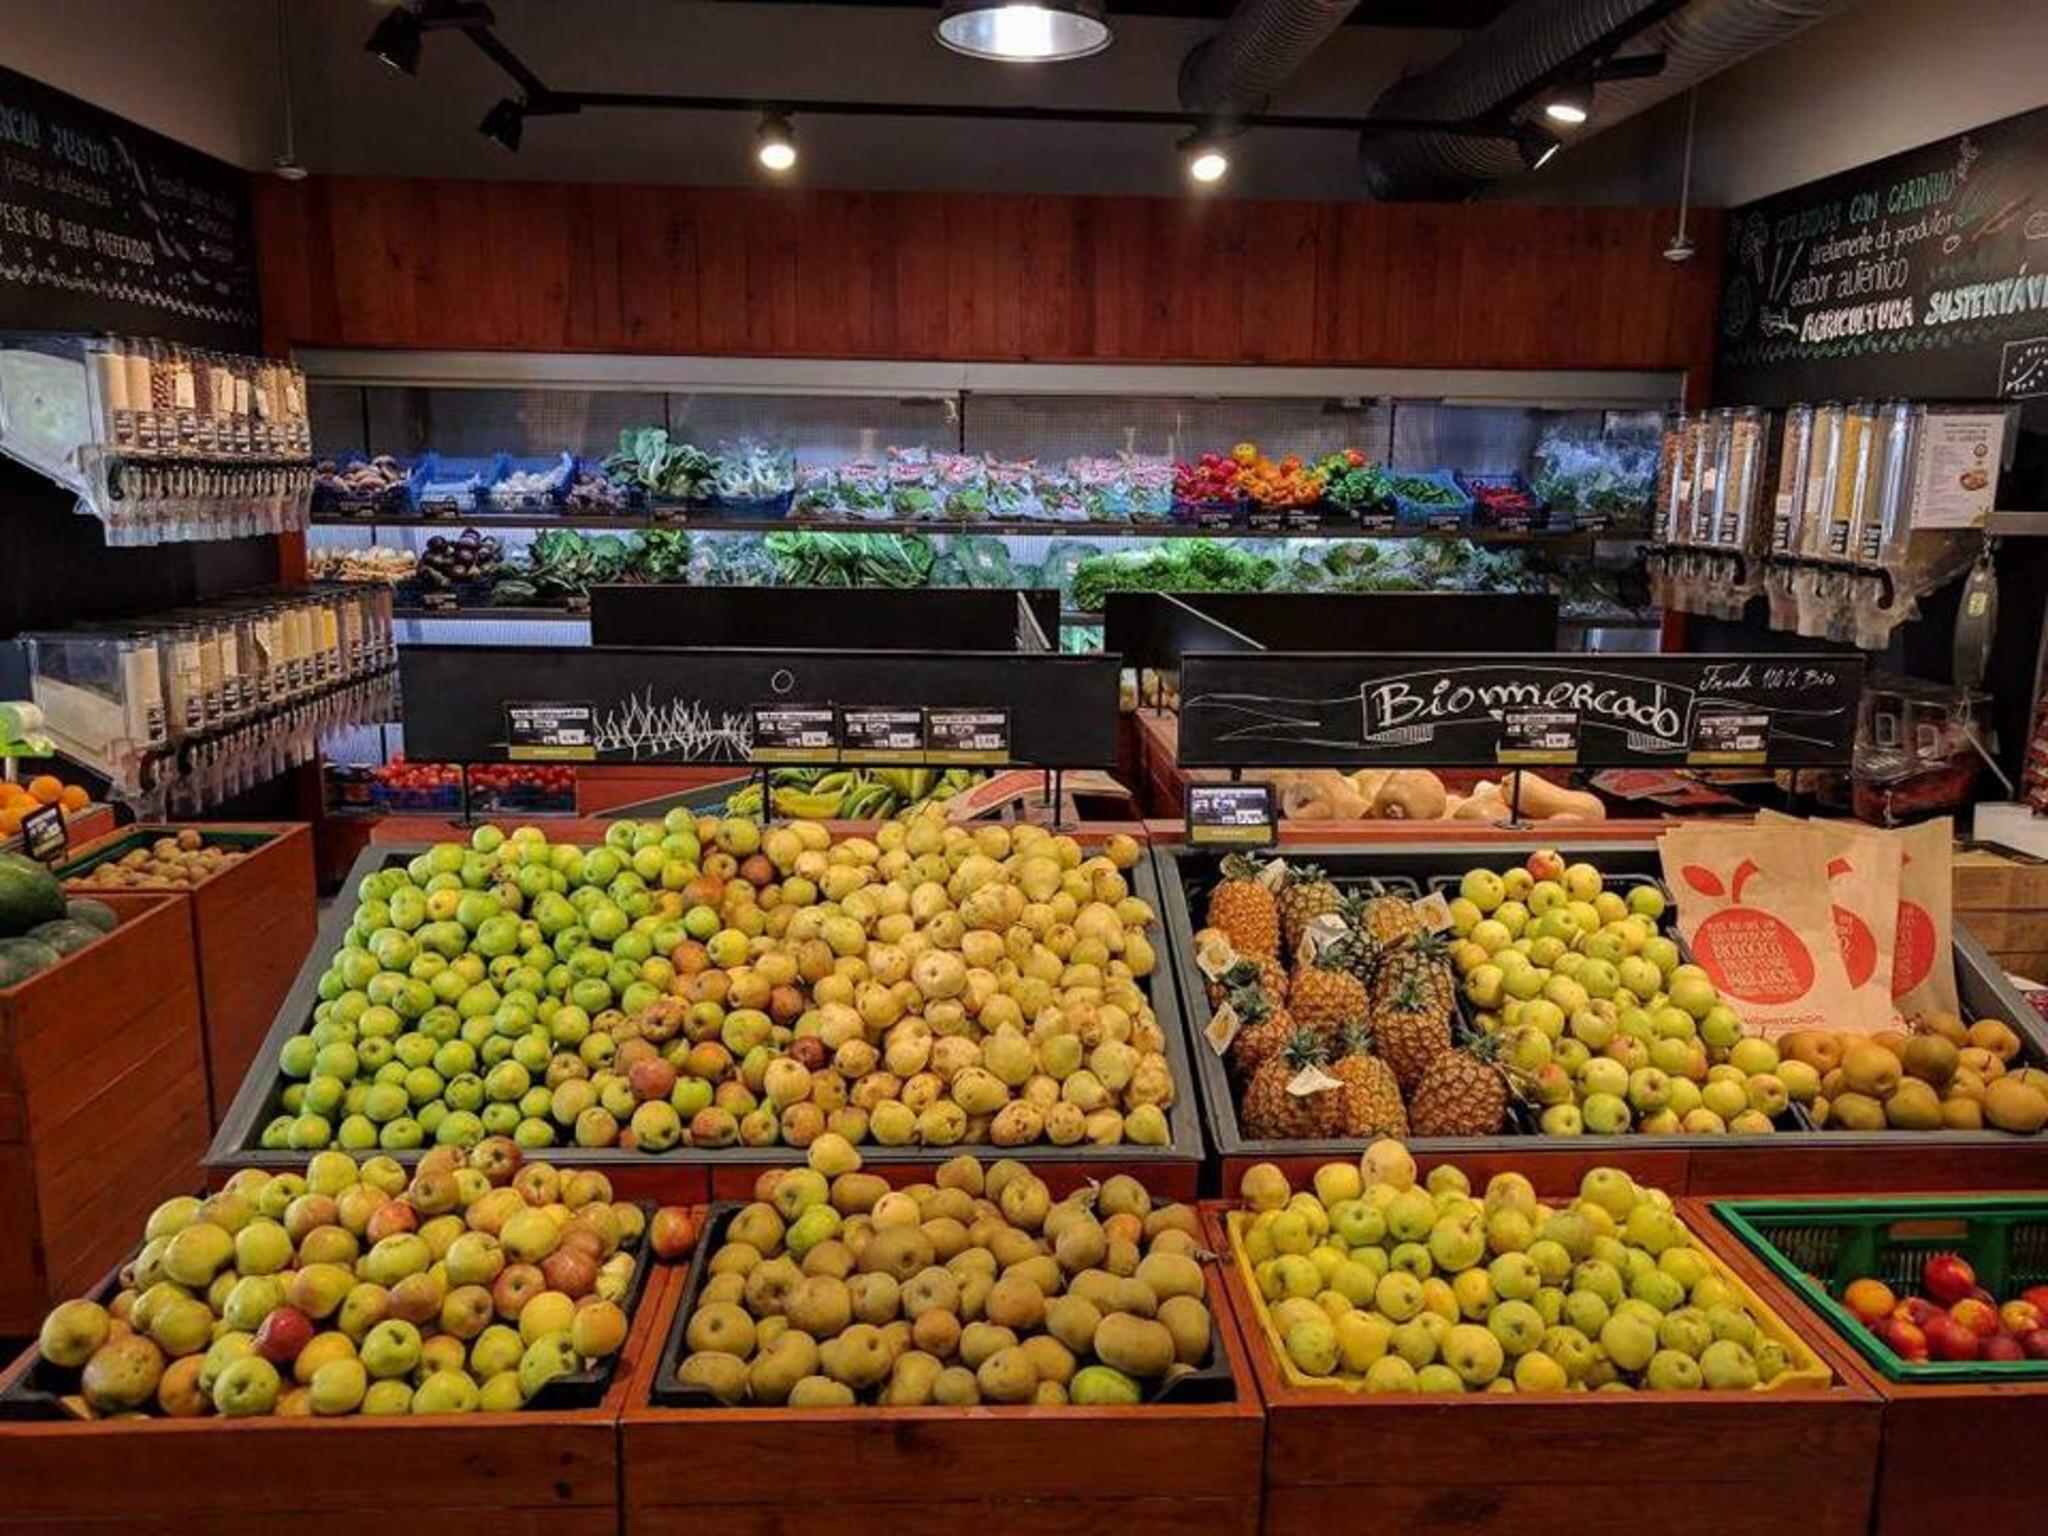 Onde comprar produtos biológicos em Lisboa? | Unibanco